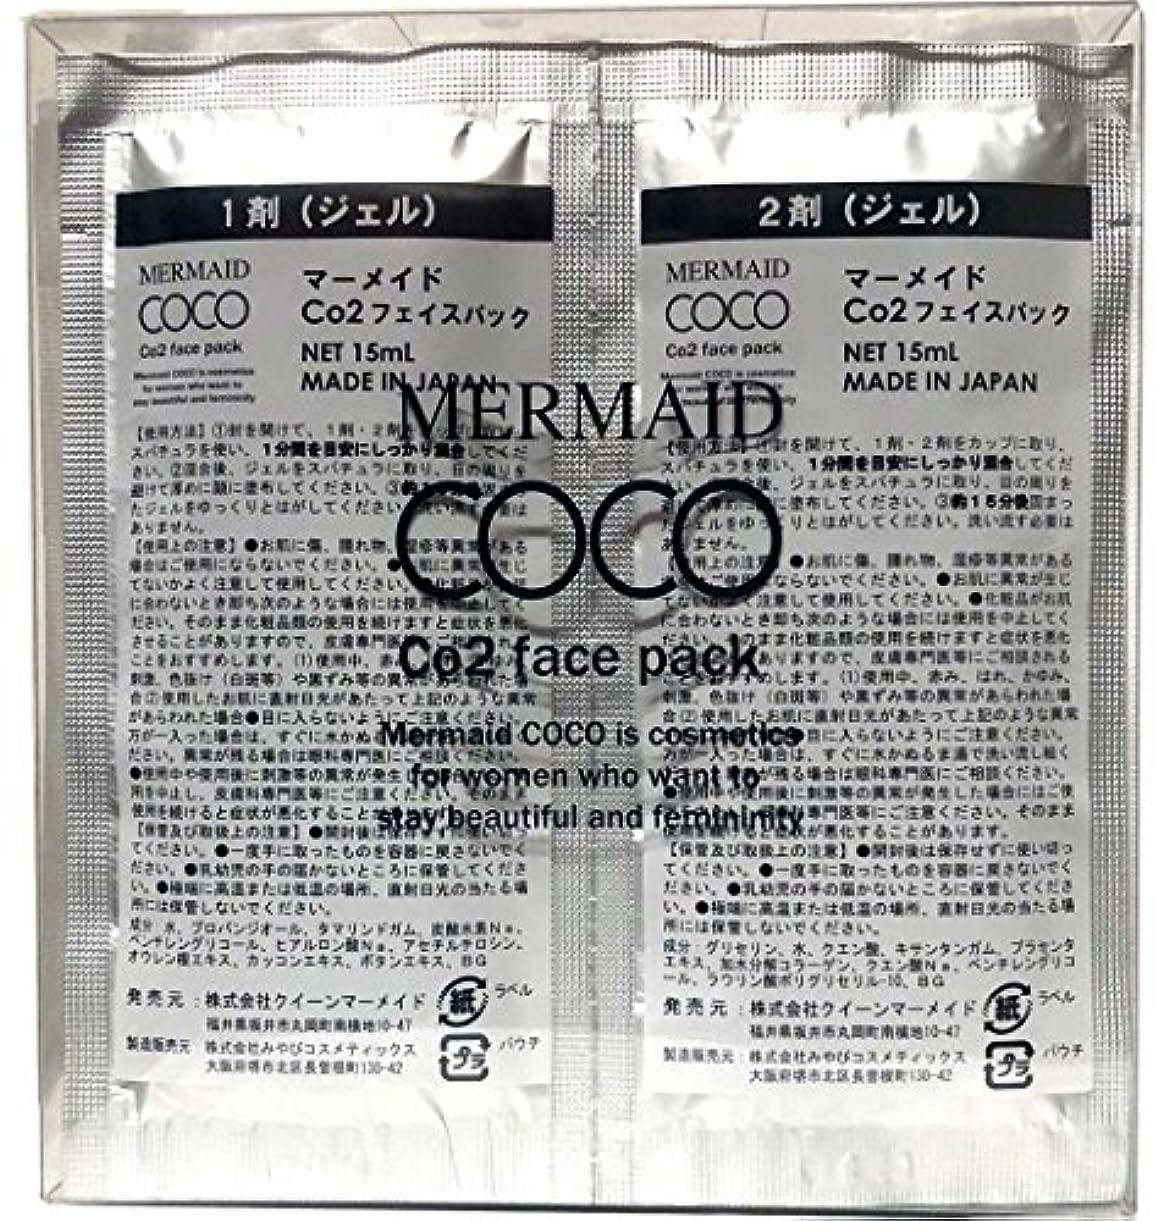 発見発見歌マーメイド ココ  MERMAID COCO Co2 フェイスパック 10回分